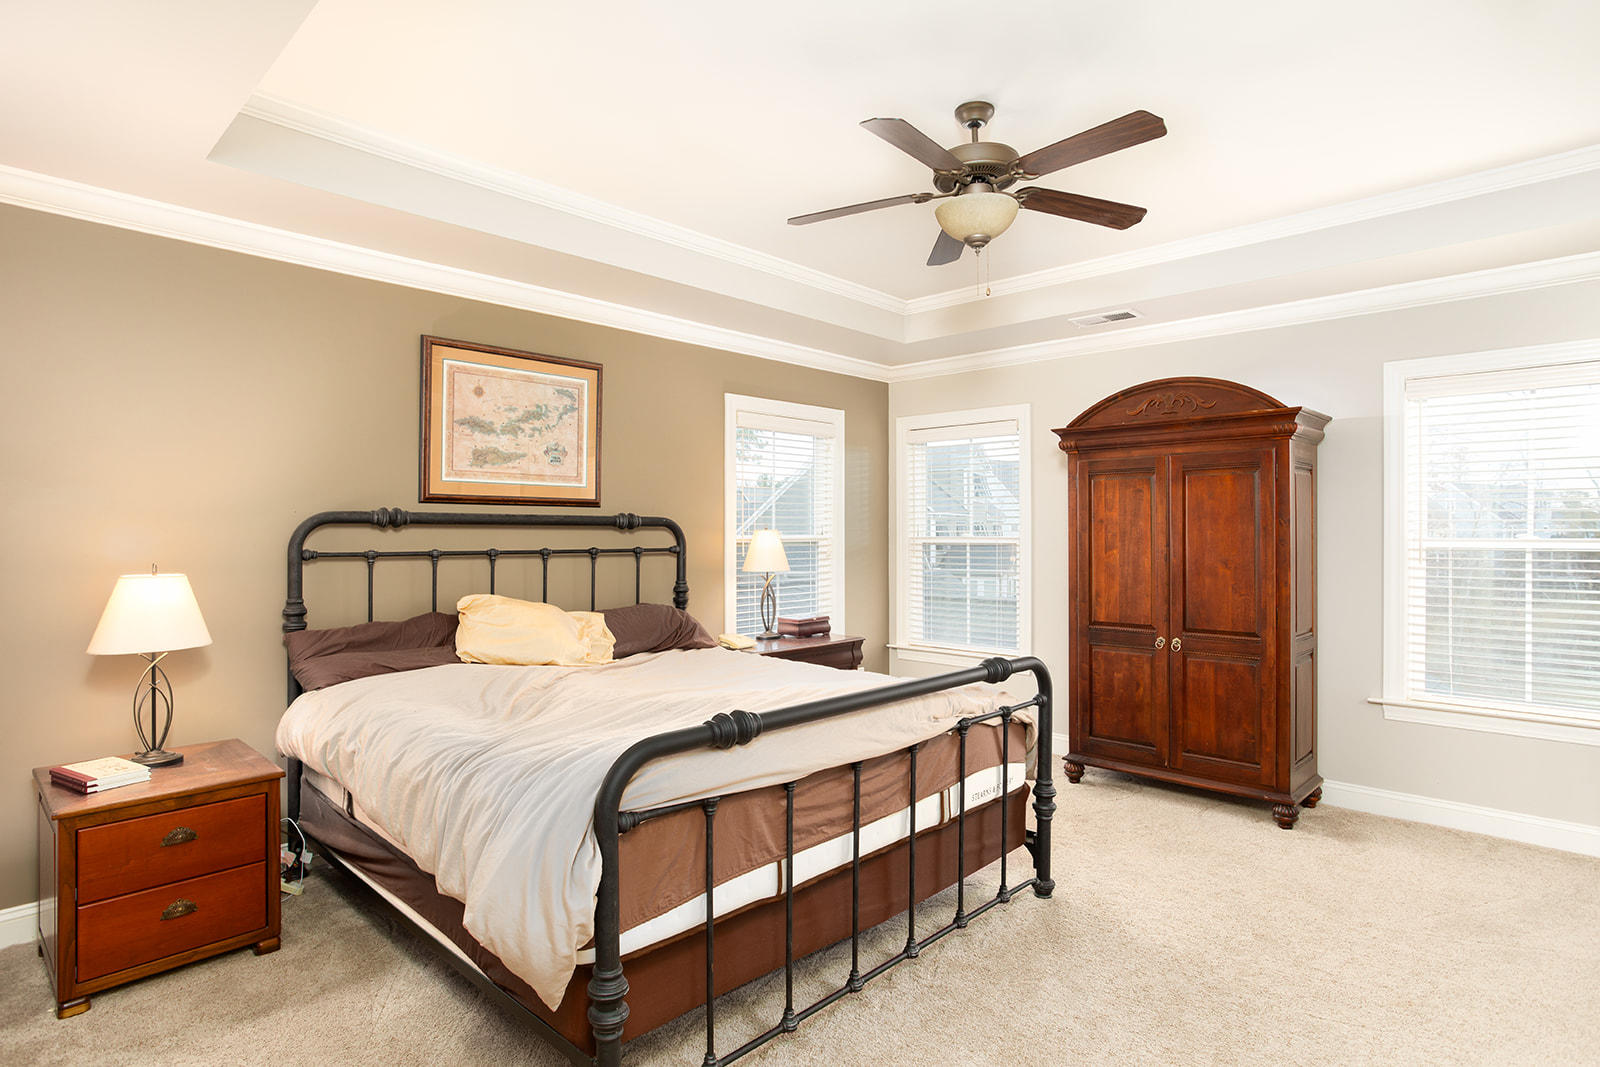 Dunes West Homes For Sale - 3019 Yachtsman, Mount Pleasant, SC - 12